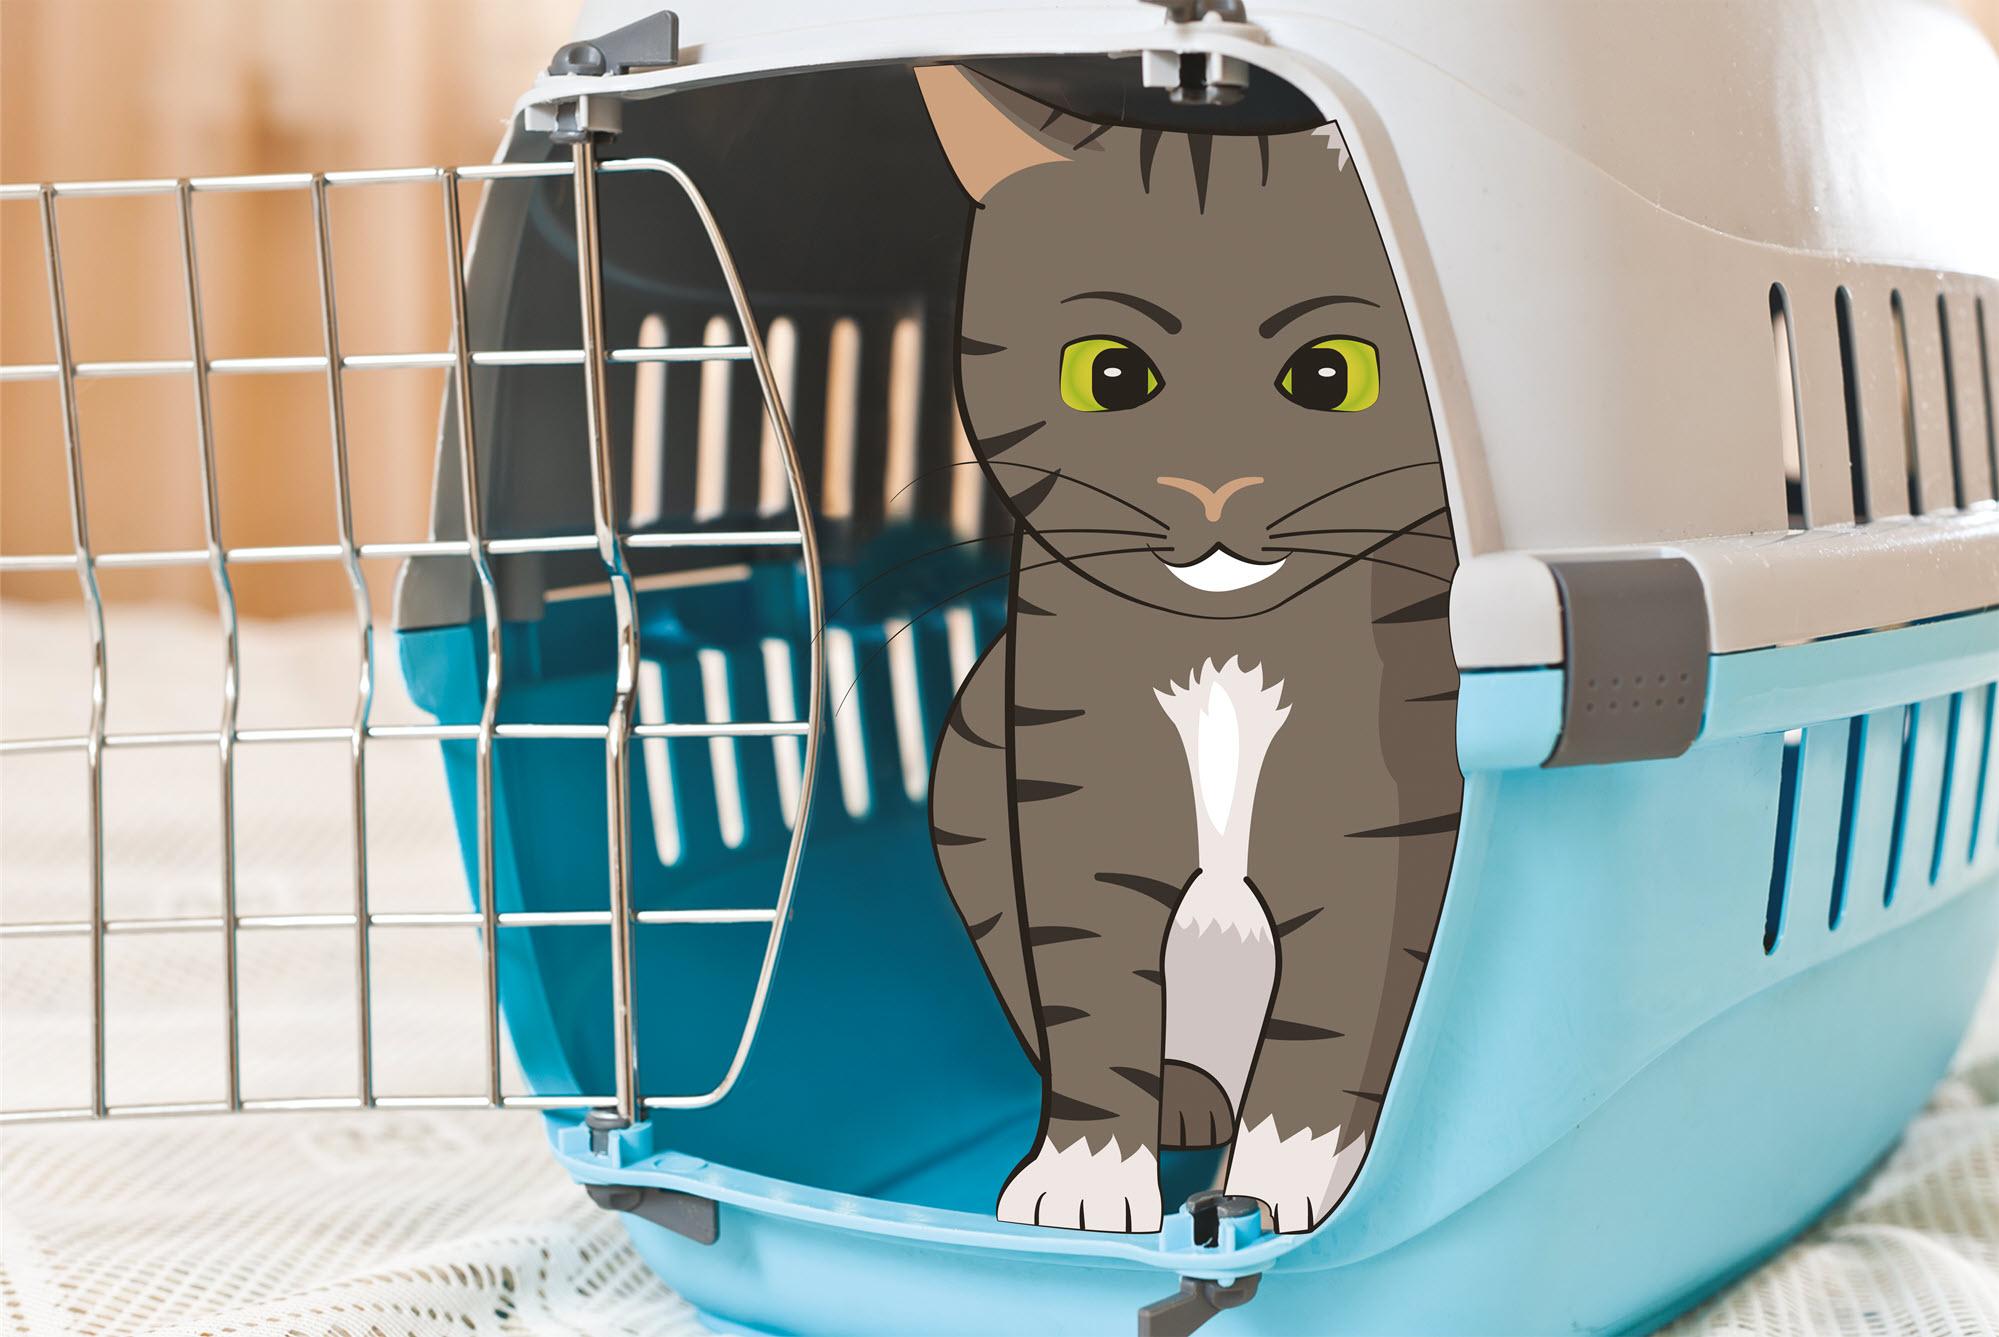 Kat vervoeren naar dierenartspraktijk